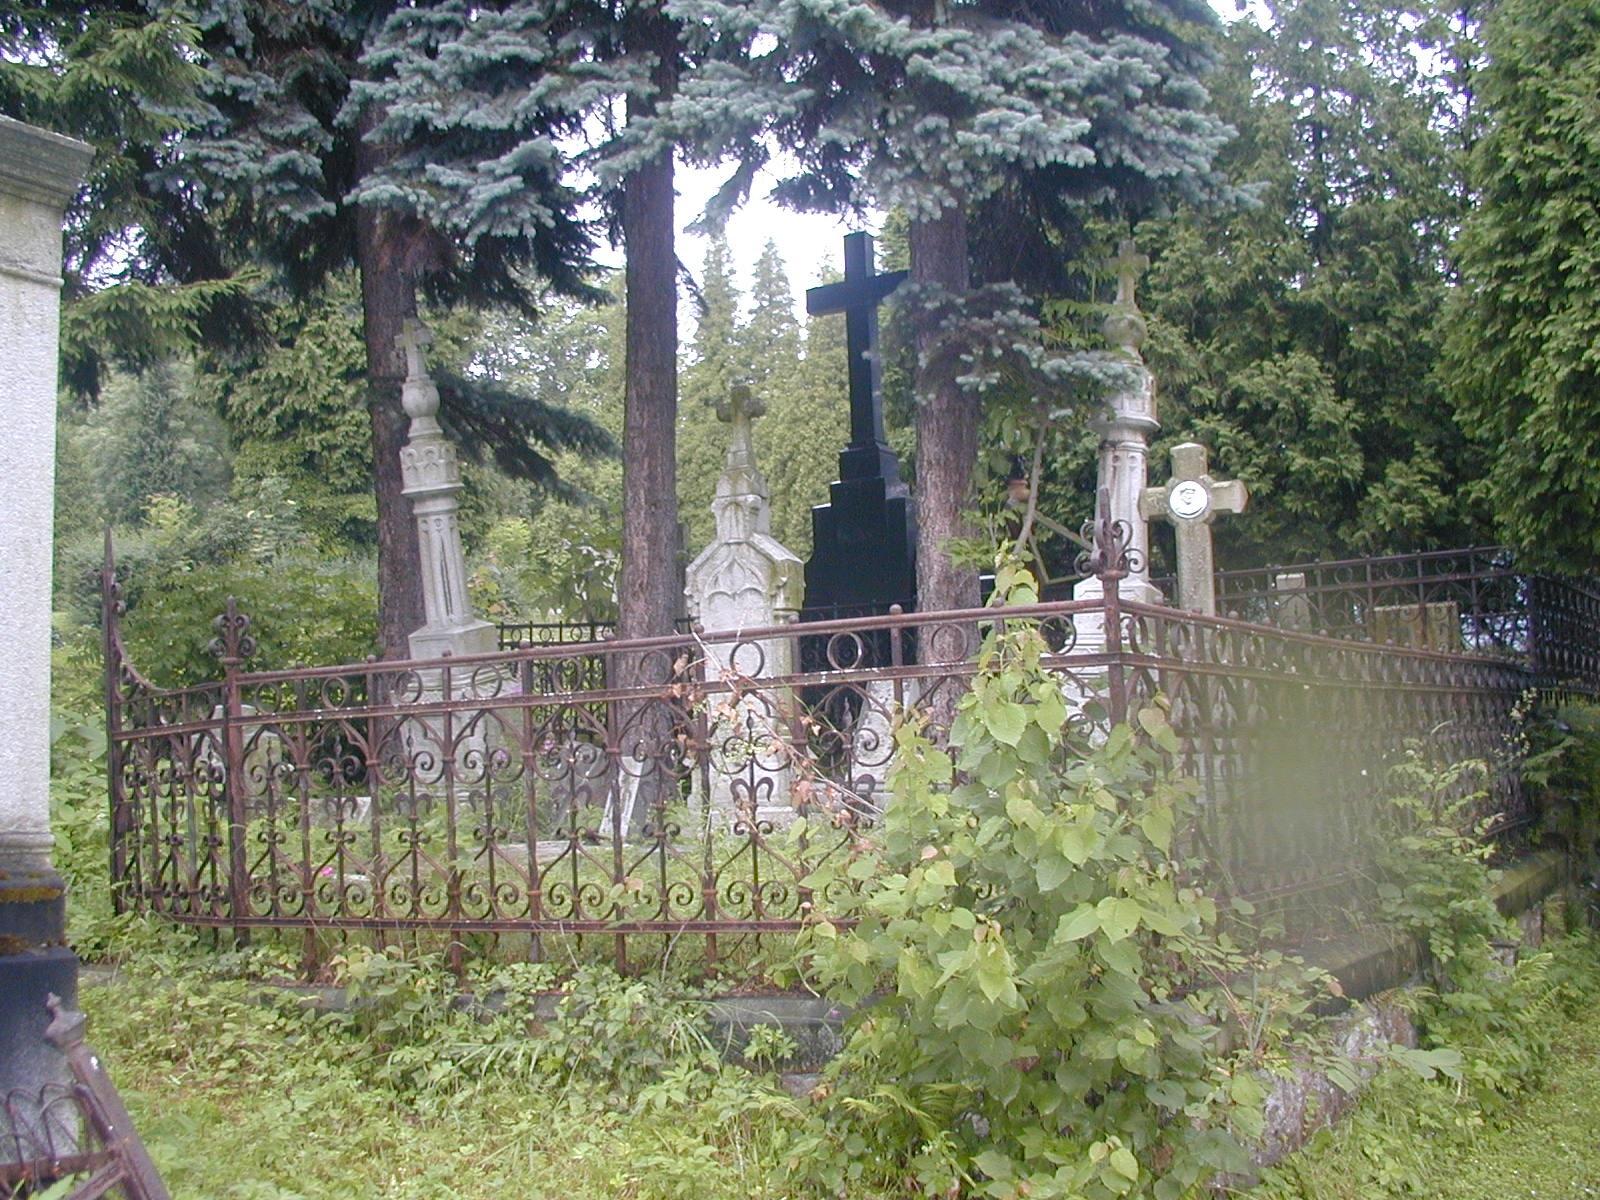 náhrobek rodiny Josefa Grohmanna, obrázek se otevře v novém okně